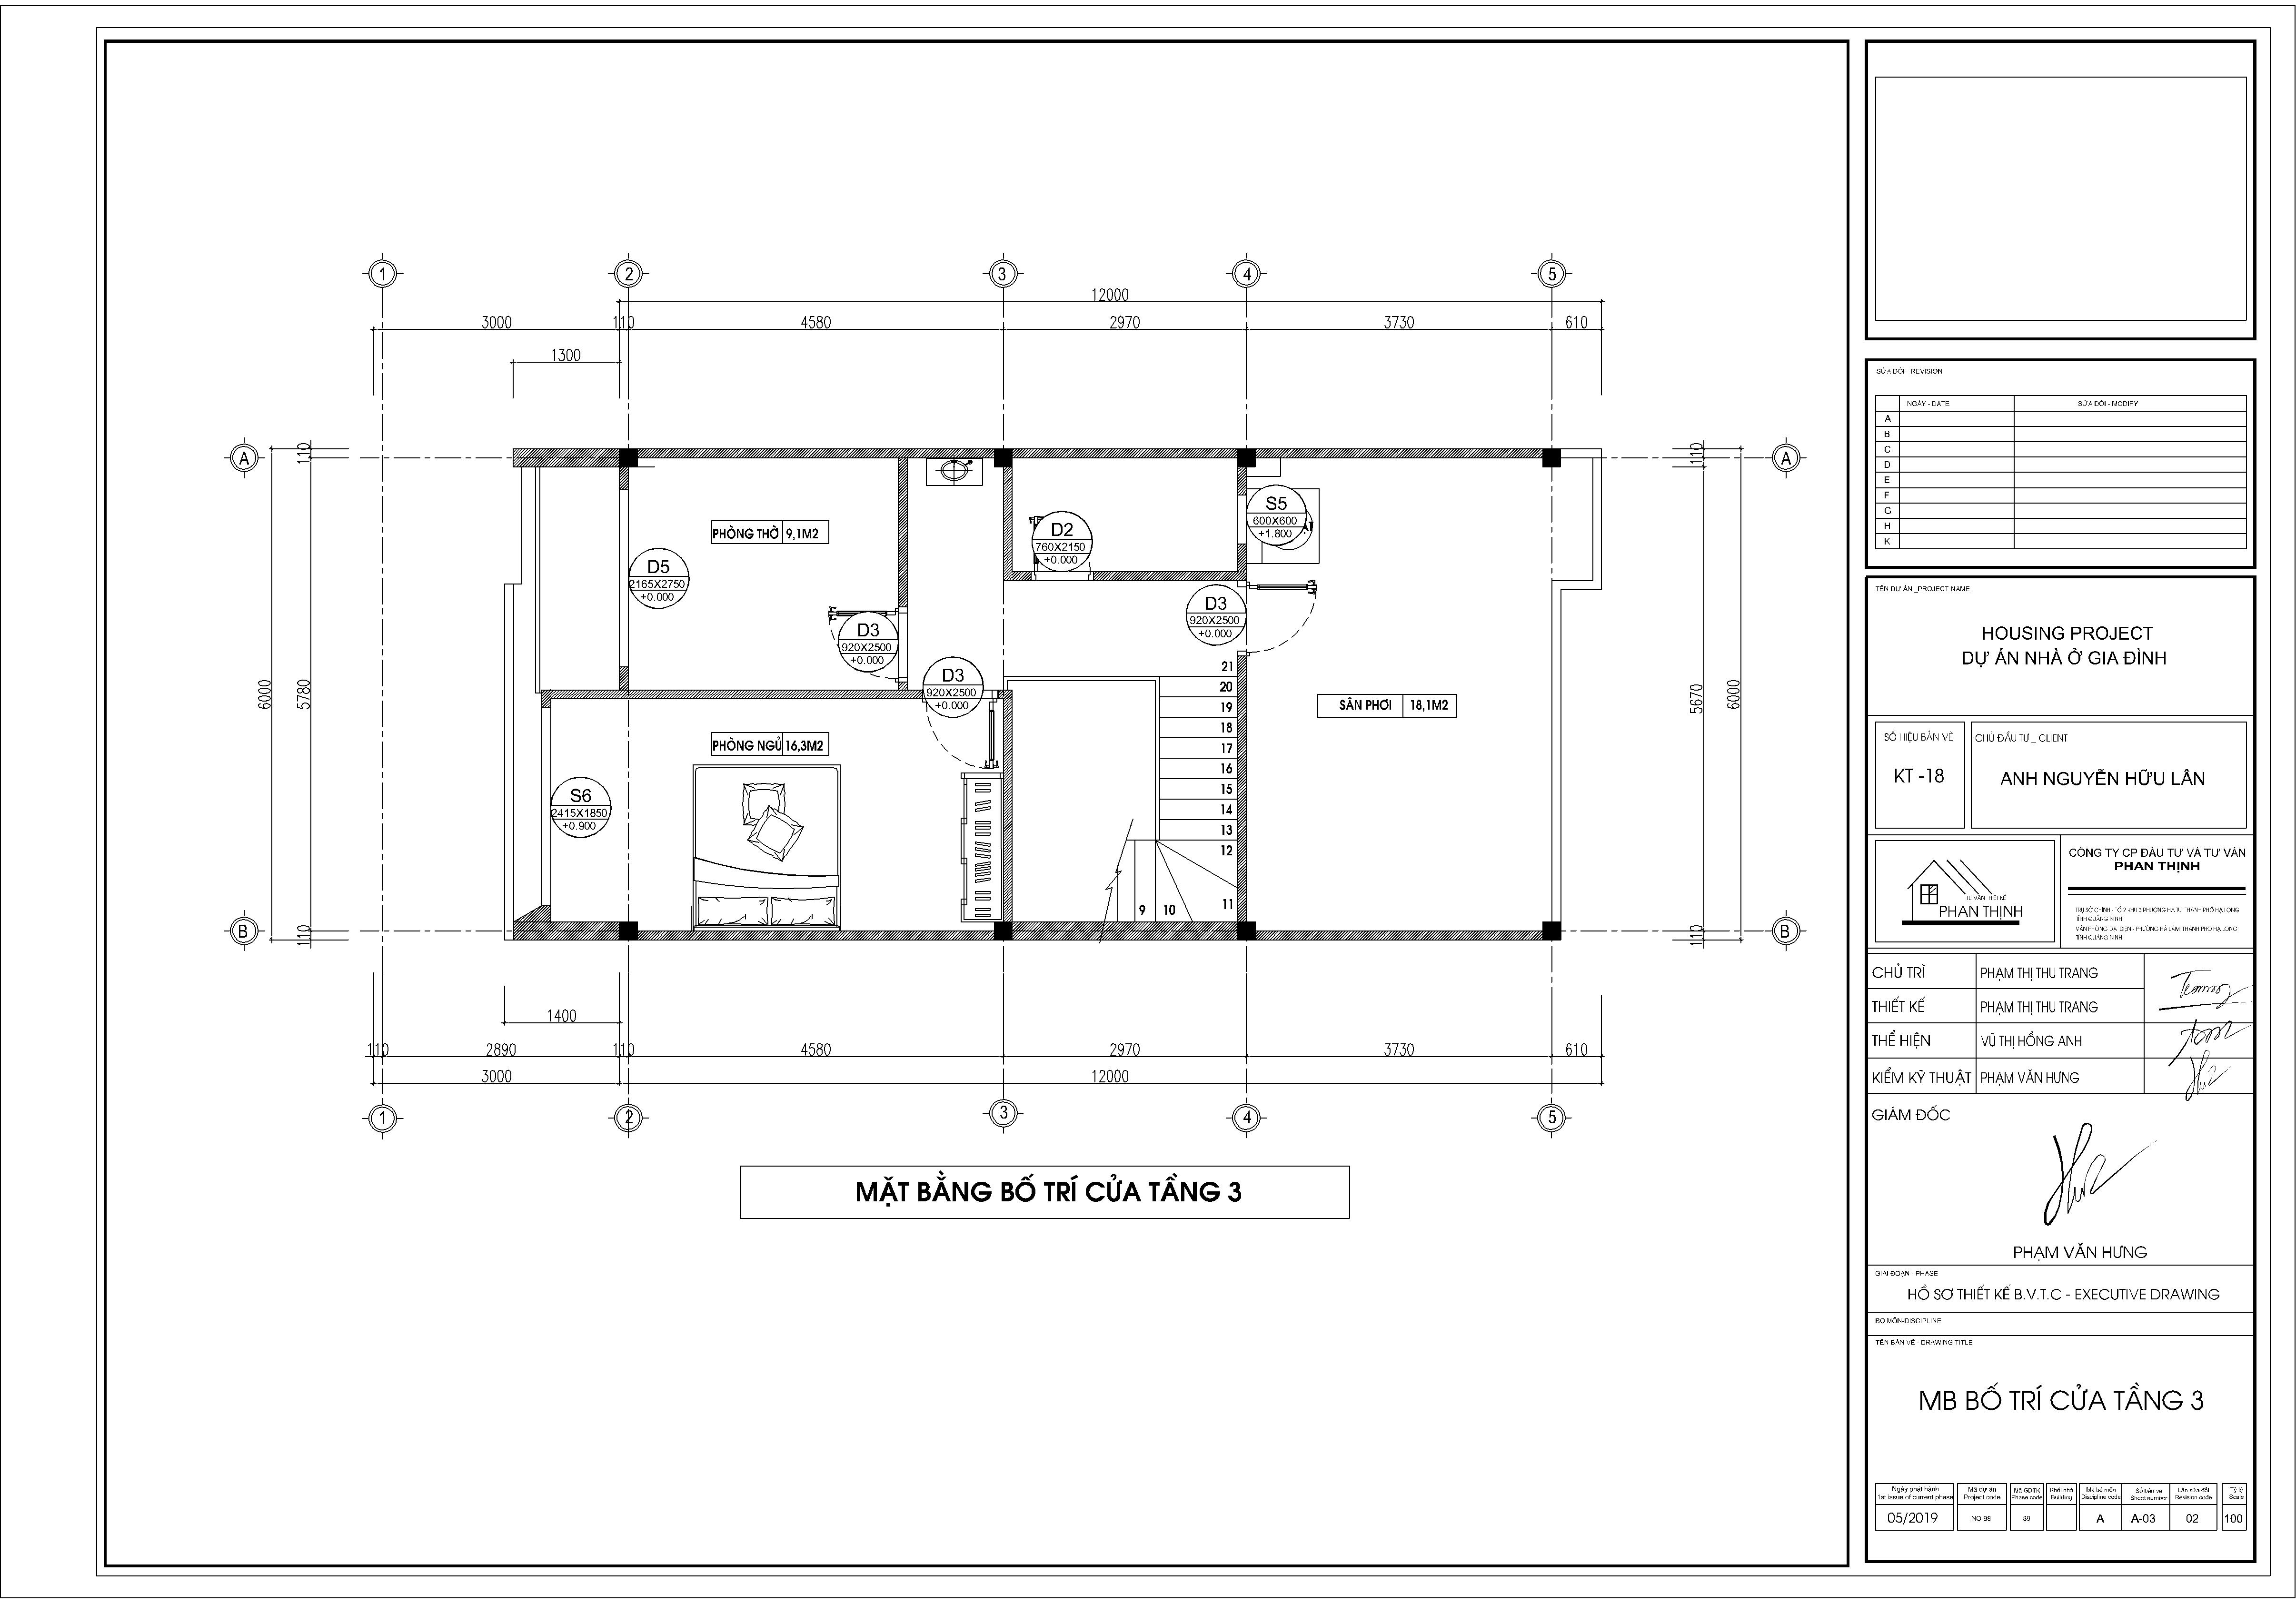 Mặt bằng thiết kế bố trí cửa tầng 3